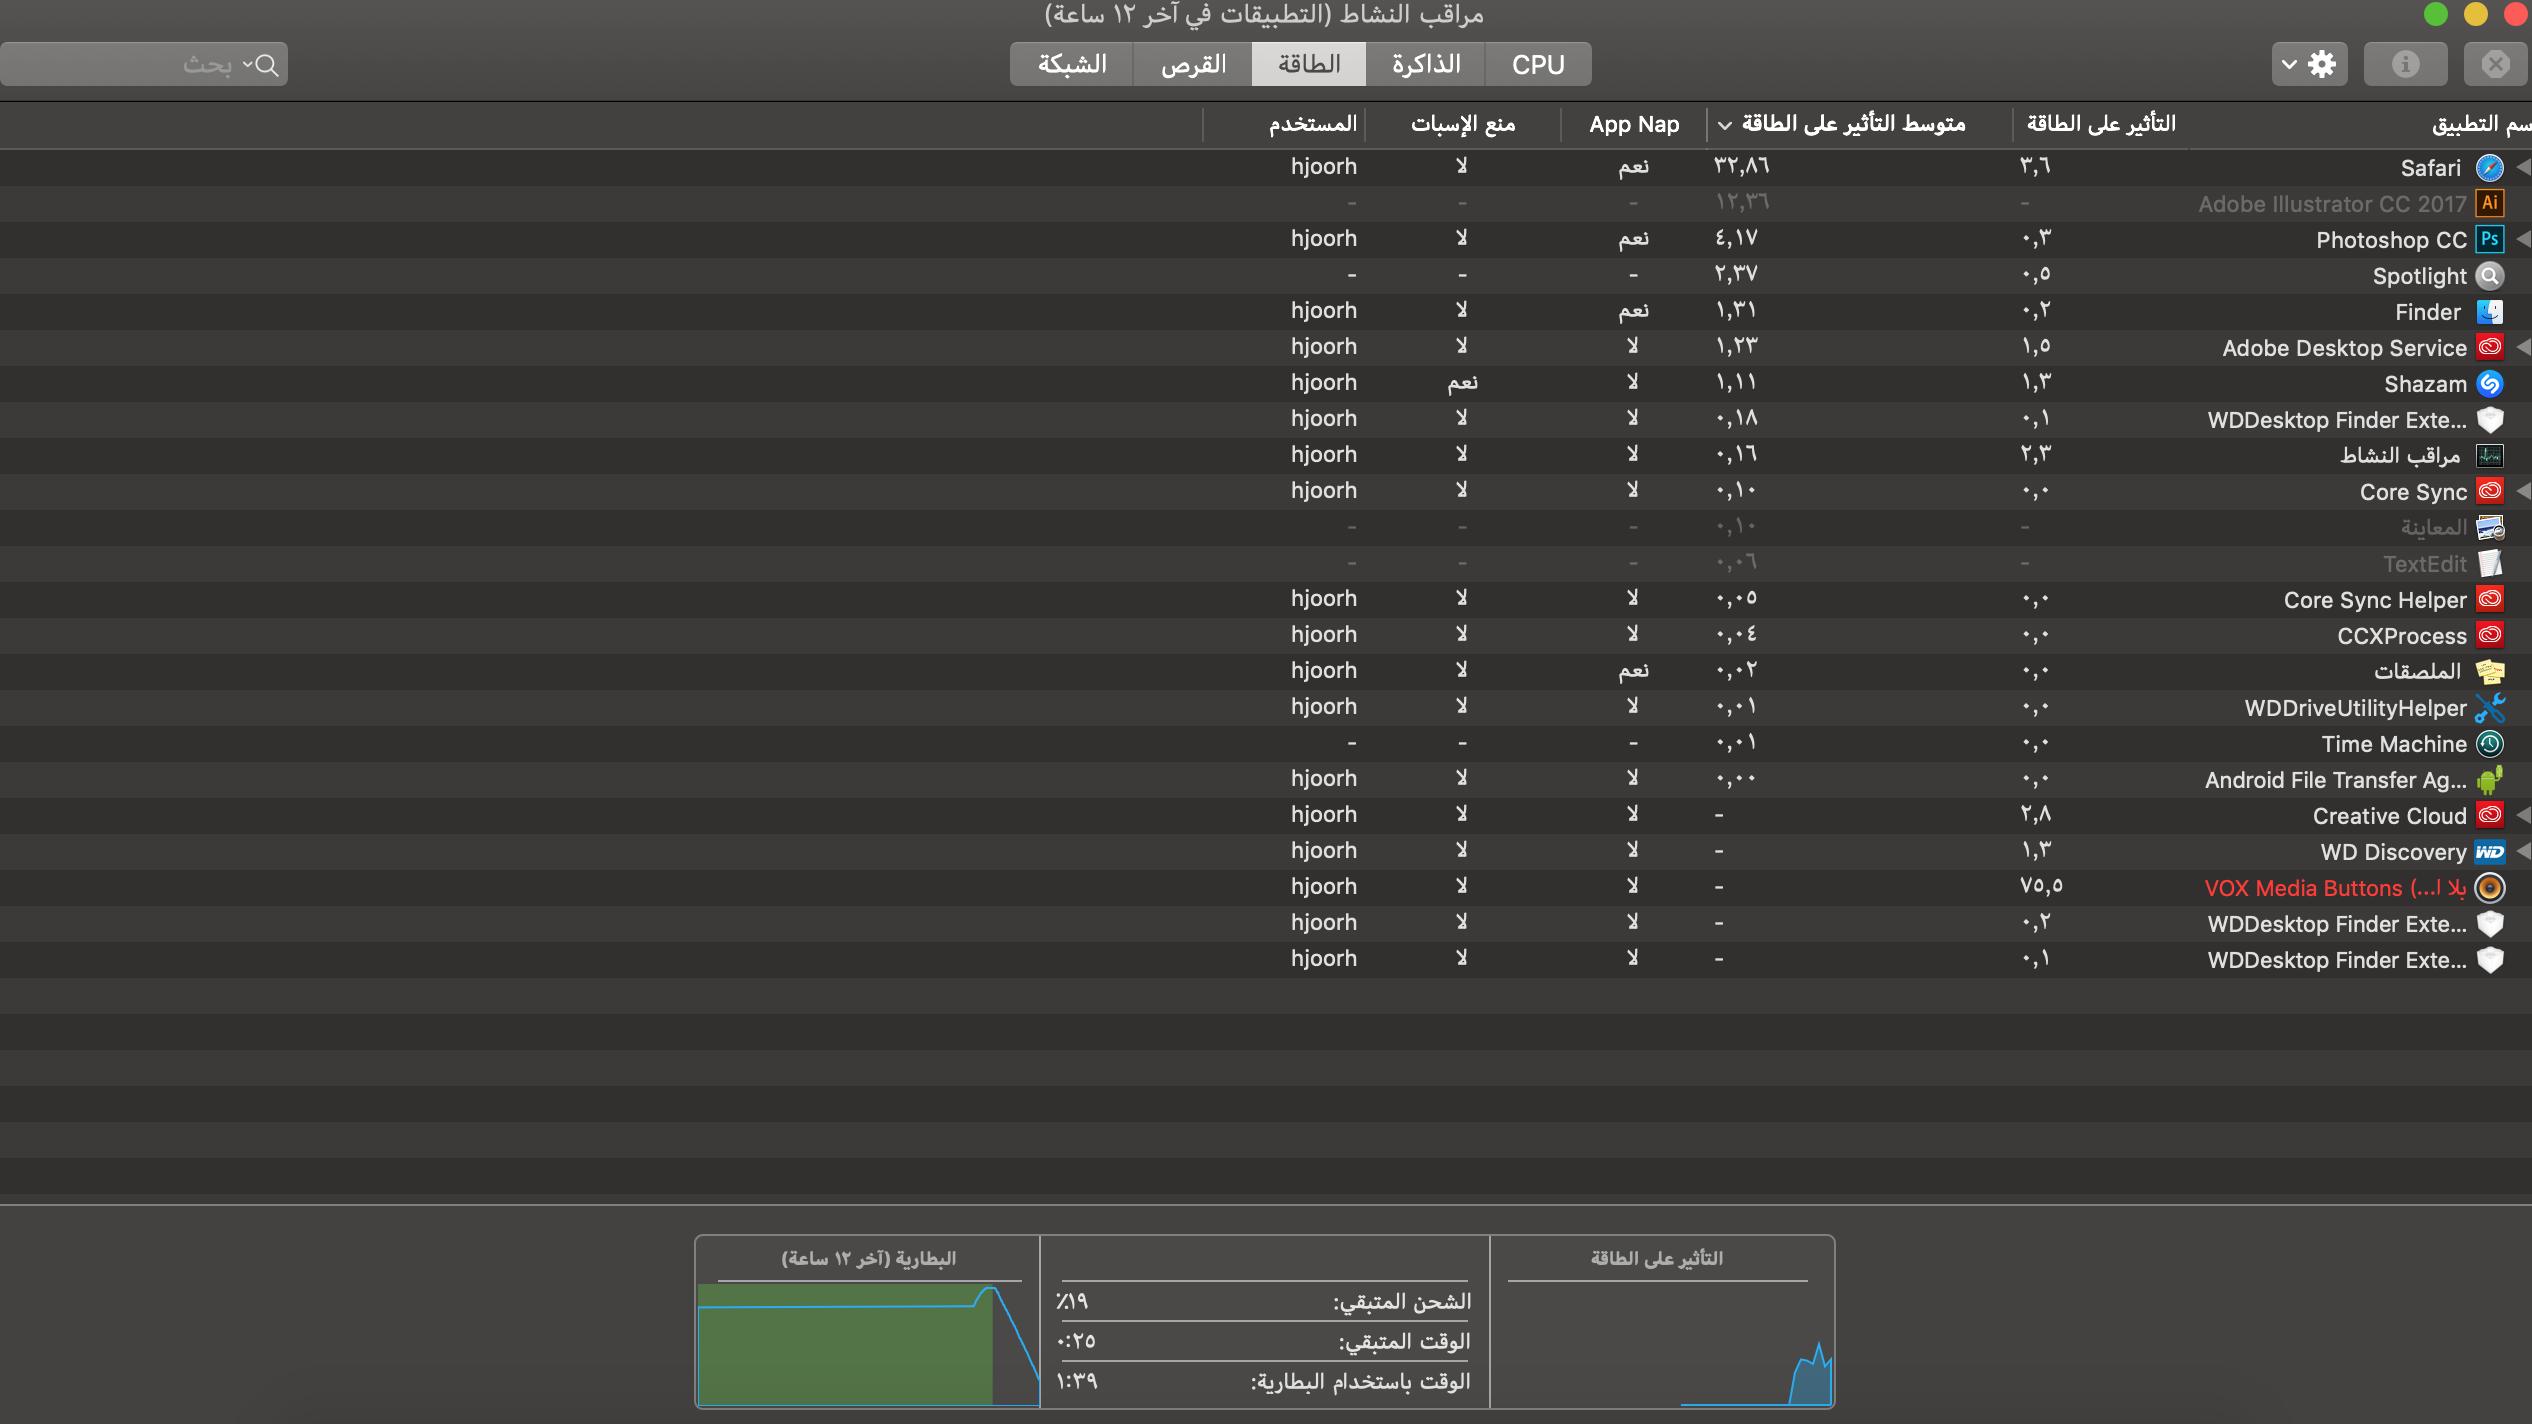 لقطة الشاشة ٢٠١٩-٠٨-٢٥ في ١.١٩.٥١ص.png